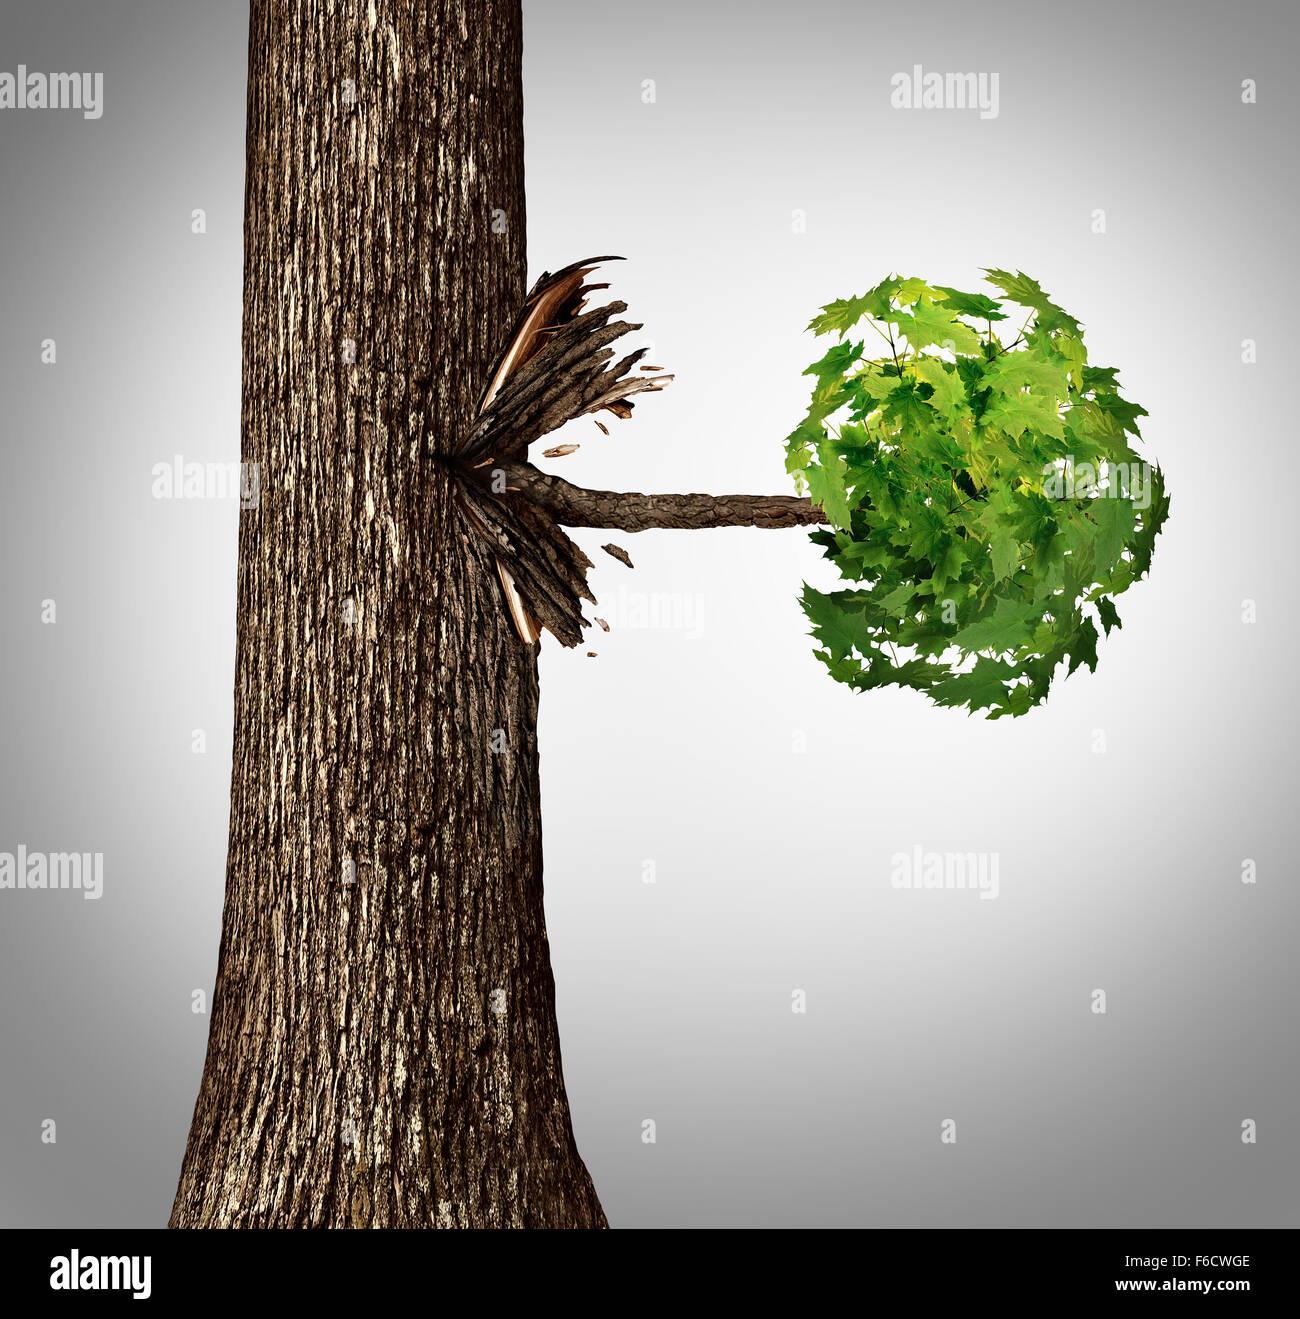 Emanazione del concetto come un movimento laterale di business come metafora di un tronco di albero con un ramo Immagini Stock